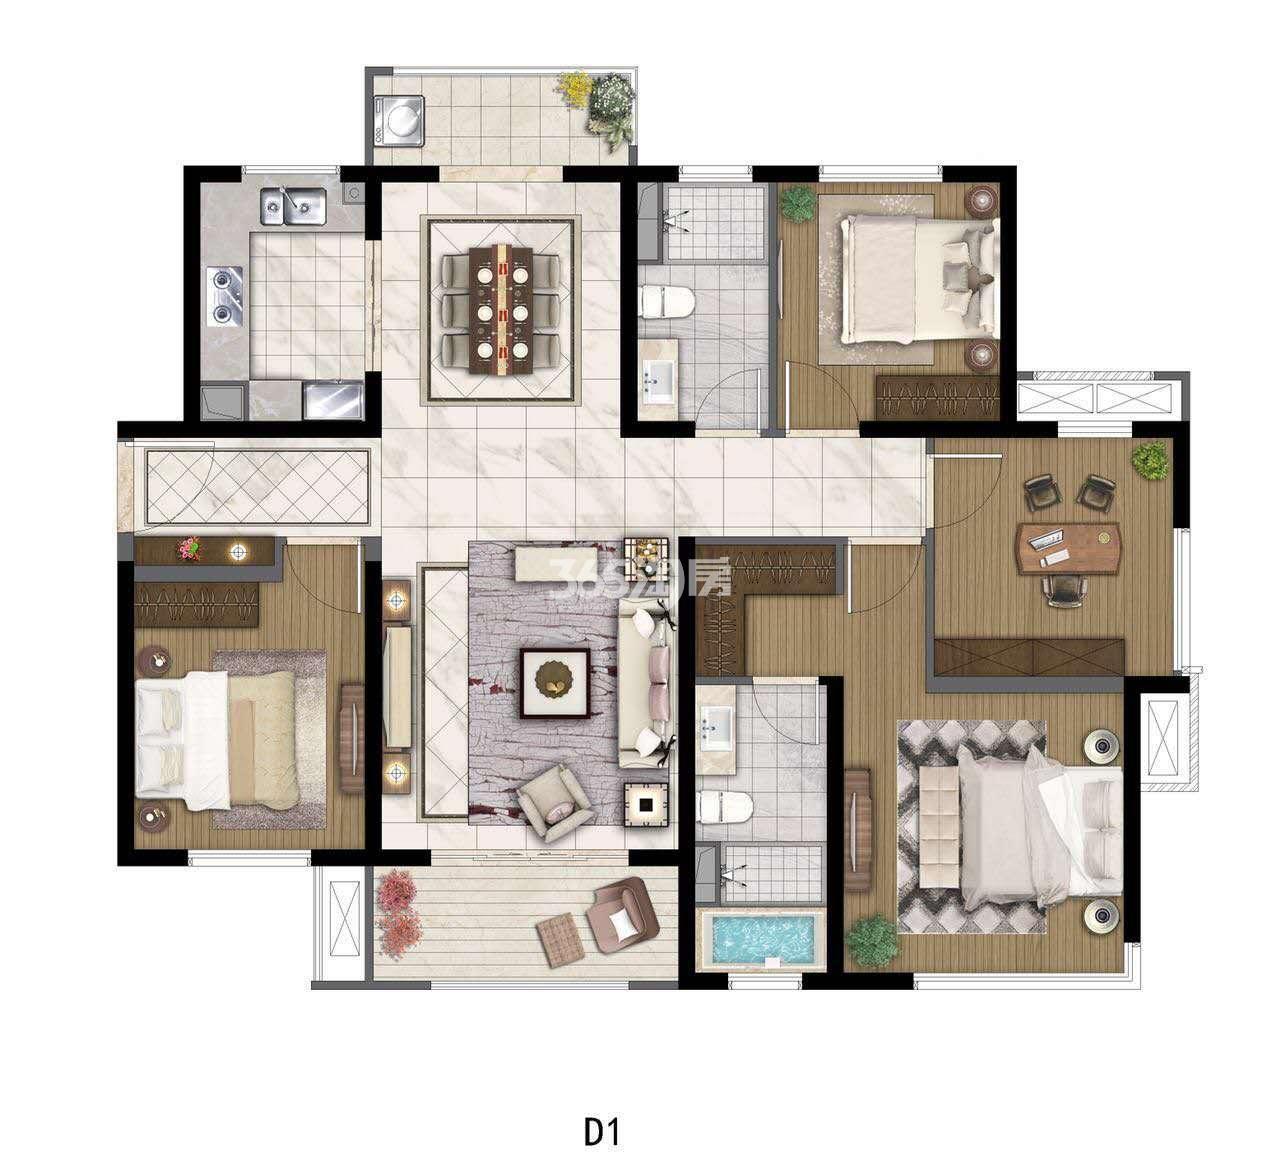 中航国际社区129㎡四室两厅两卫户型图